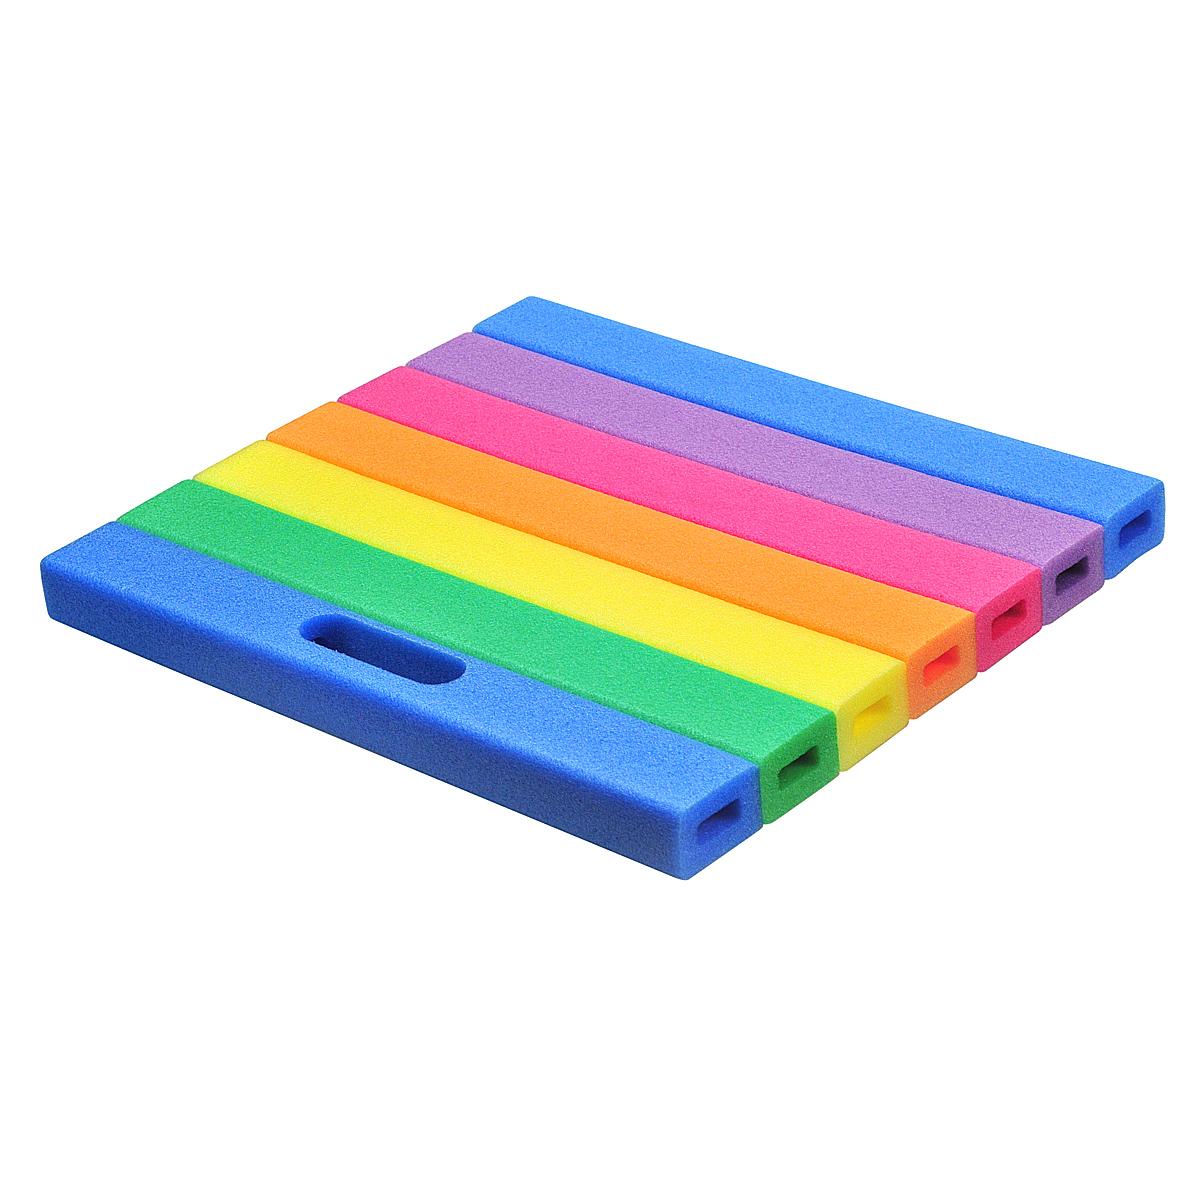 Mehrzweckkissen in Regenbogenfarbe